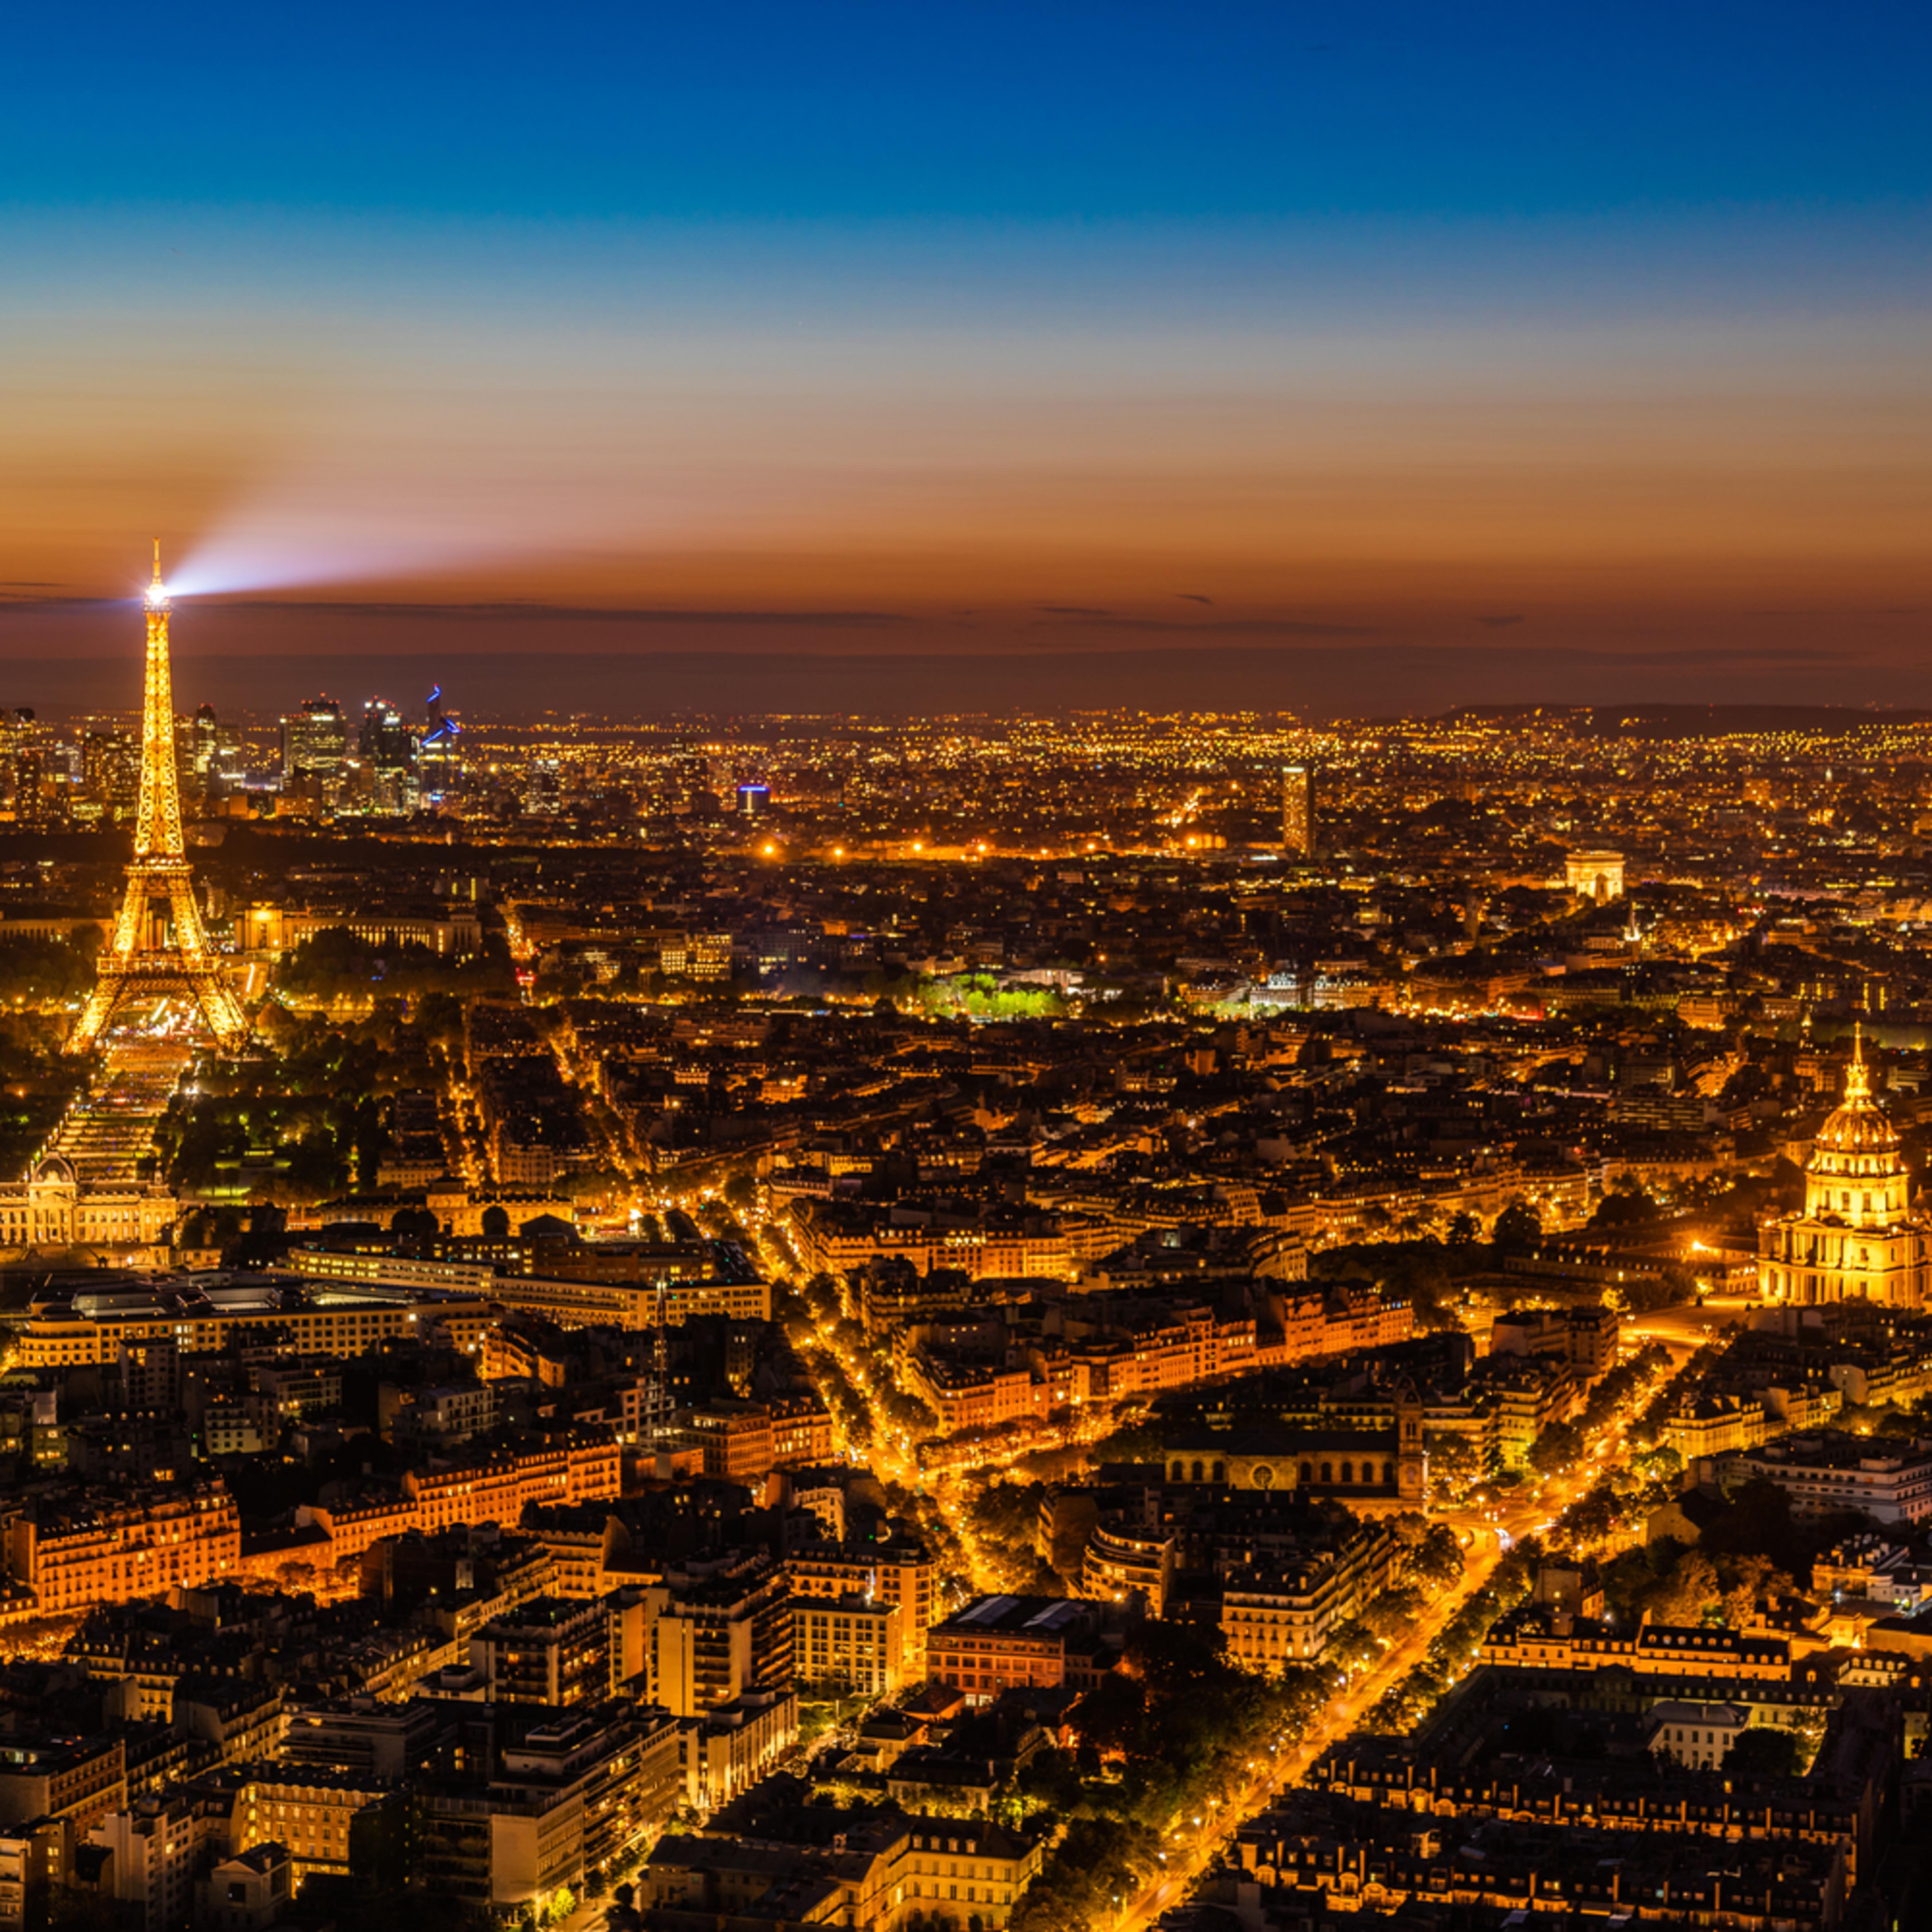 Paris at night hhnbwl